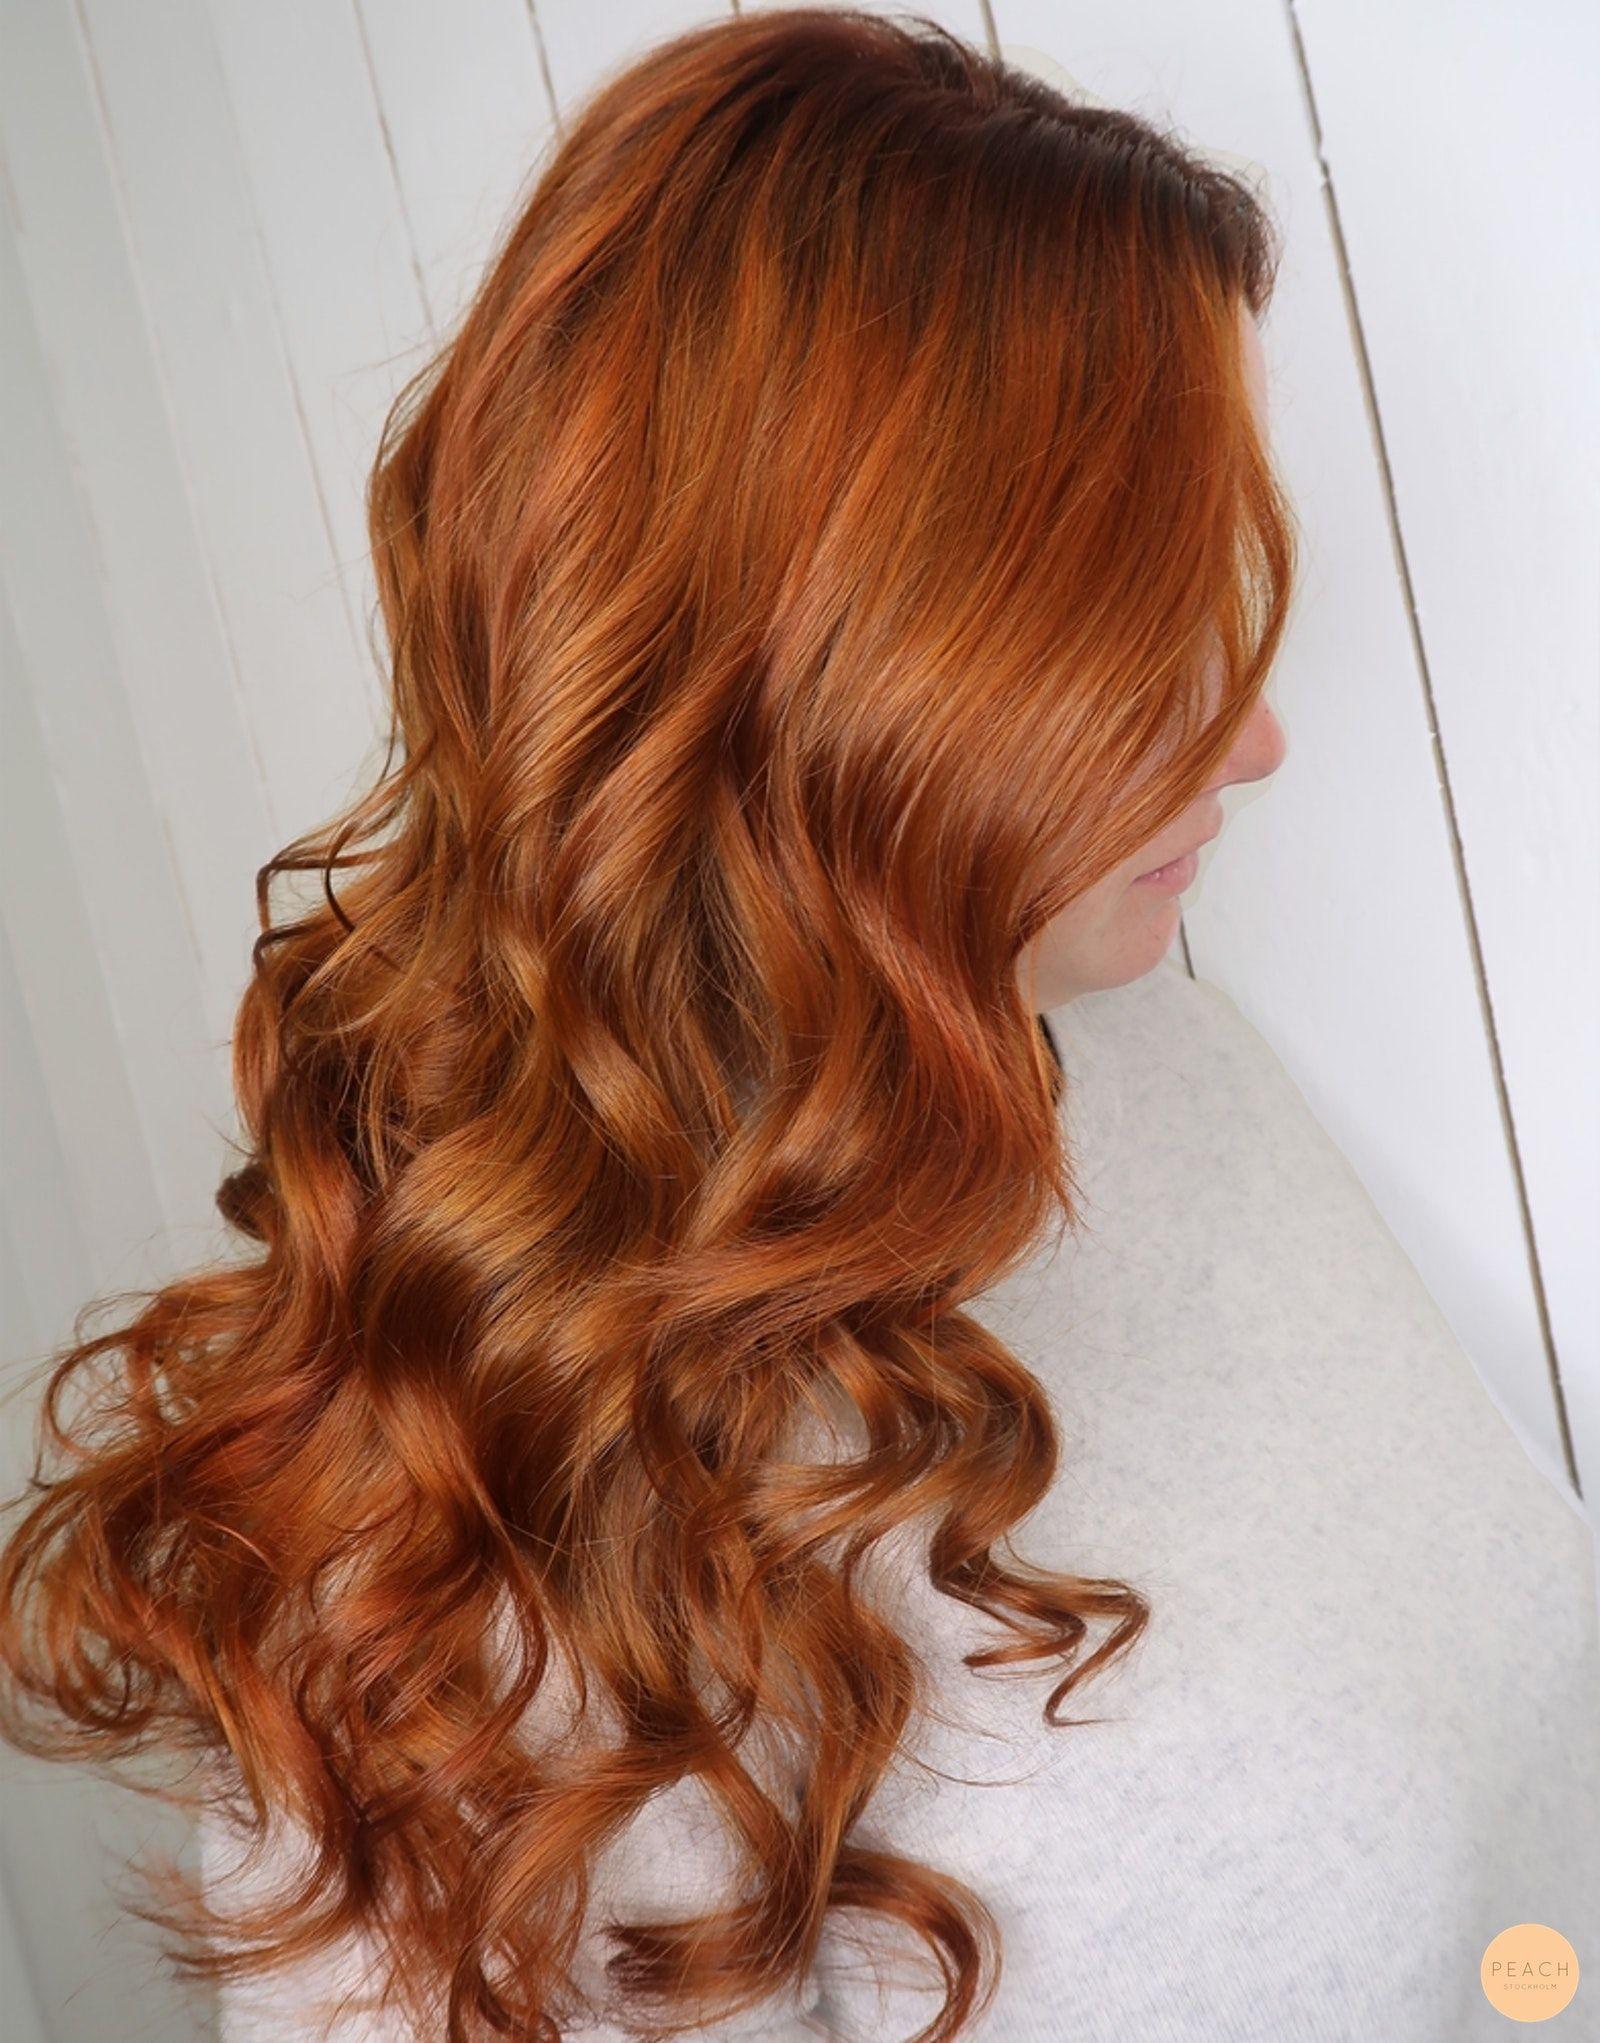 koppar orange hårfärg